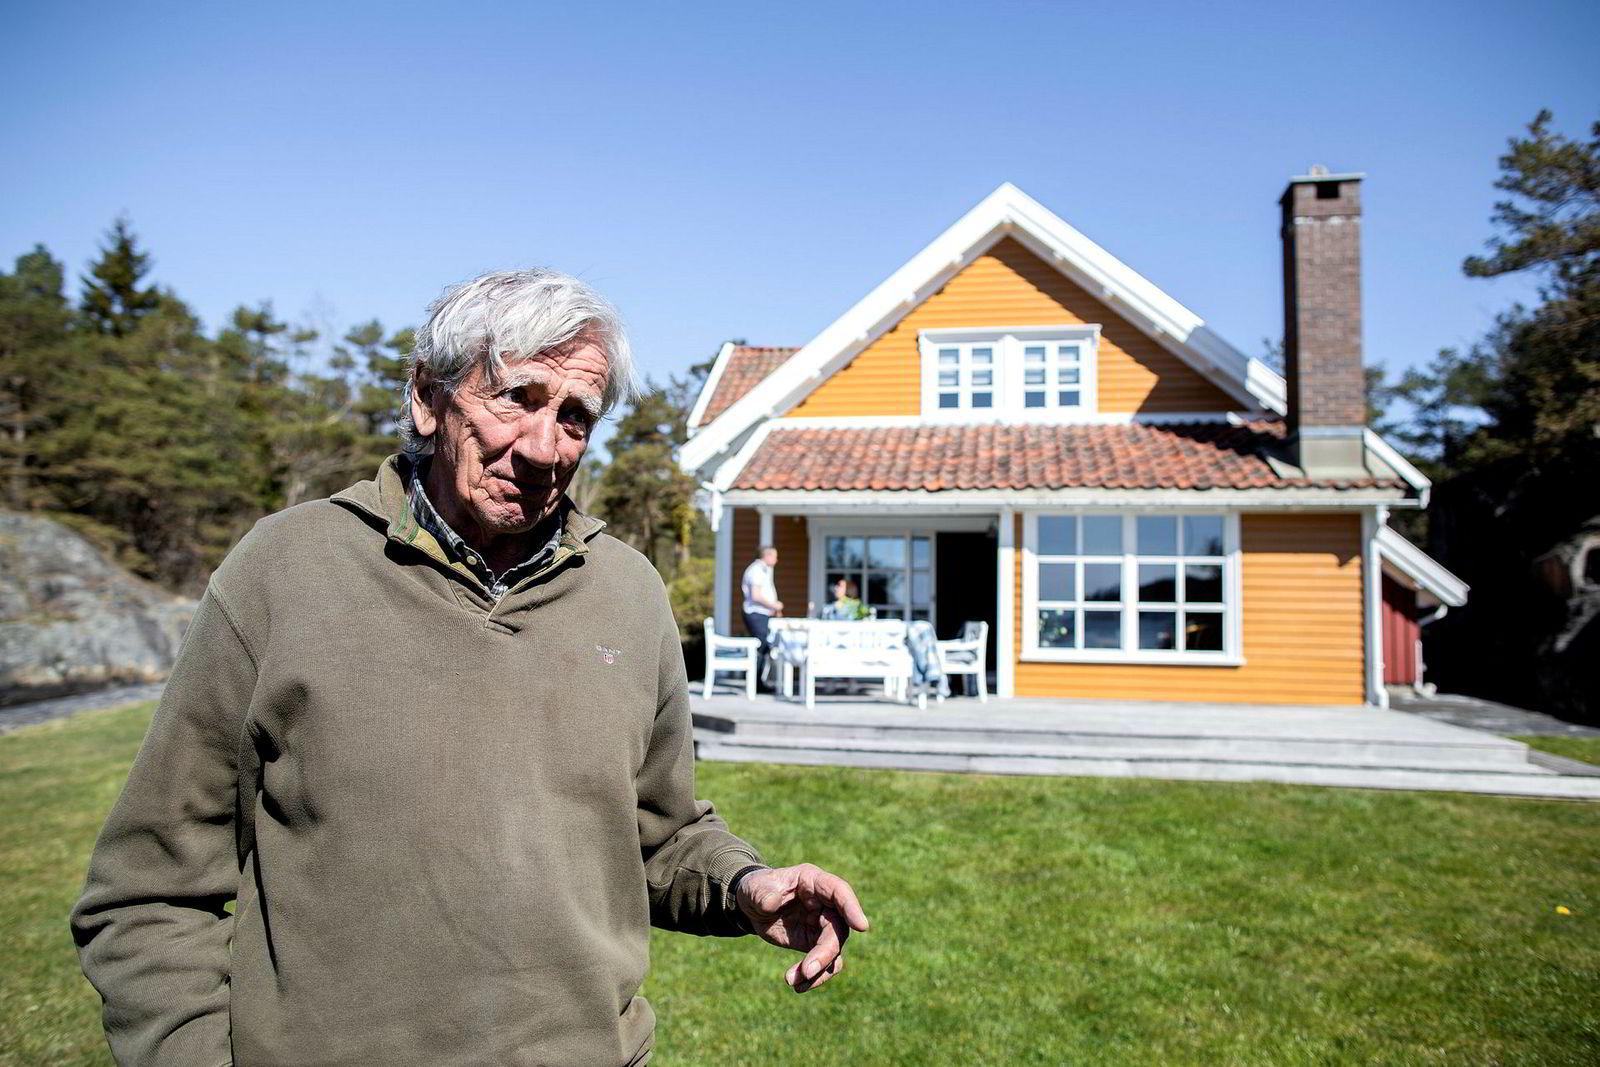 Anton M. Ringøen sier han er strålende fornøyd med prisen etter å ha solgt eiendommen i Høvåg vest i Lillesand kommune for 15,5 millioner kroner – halvannen million over prisantydningen.